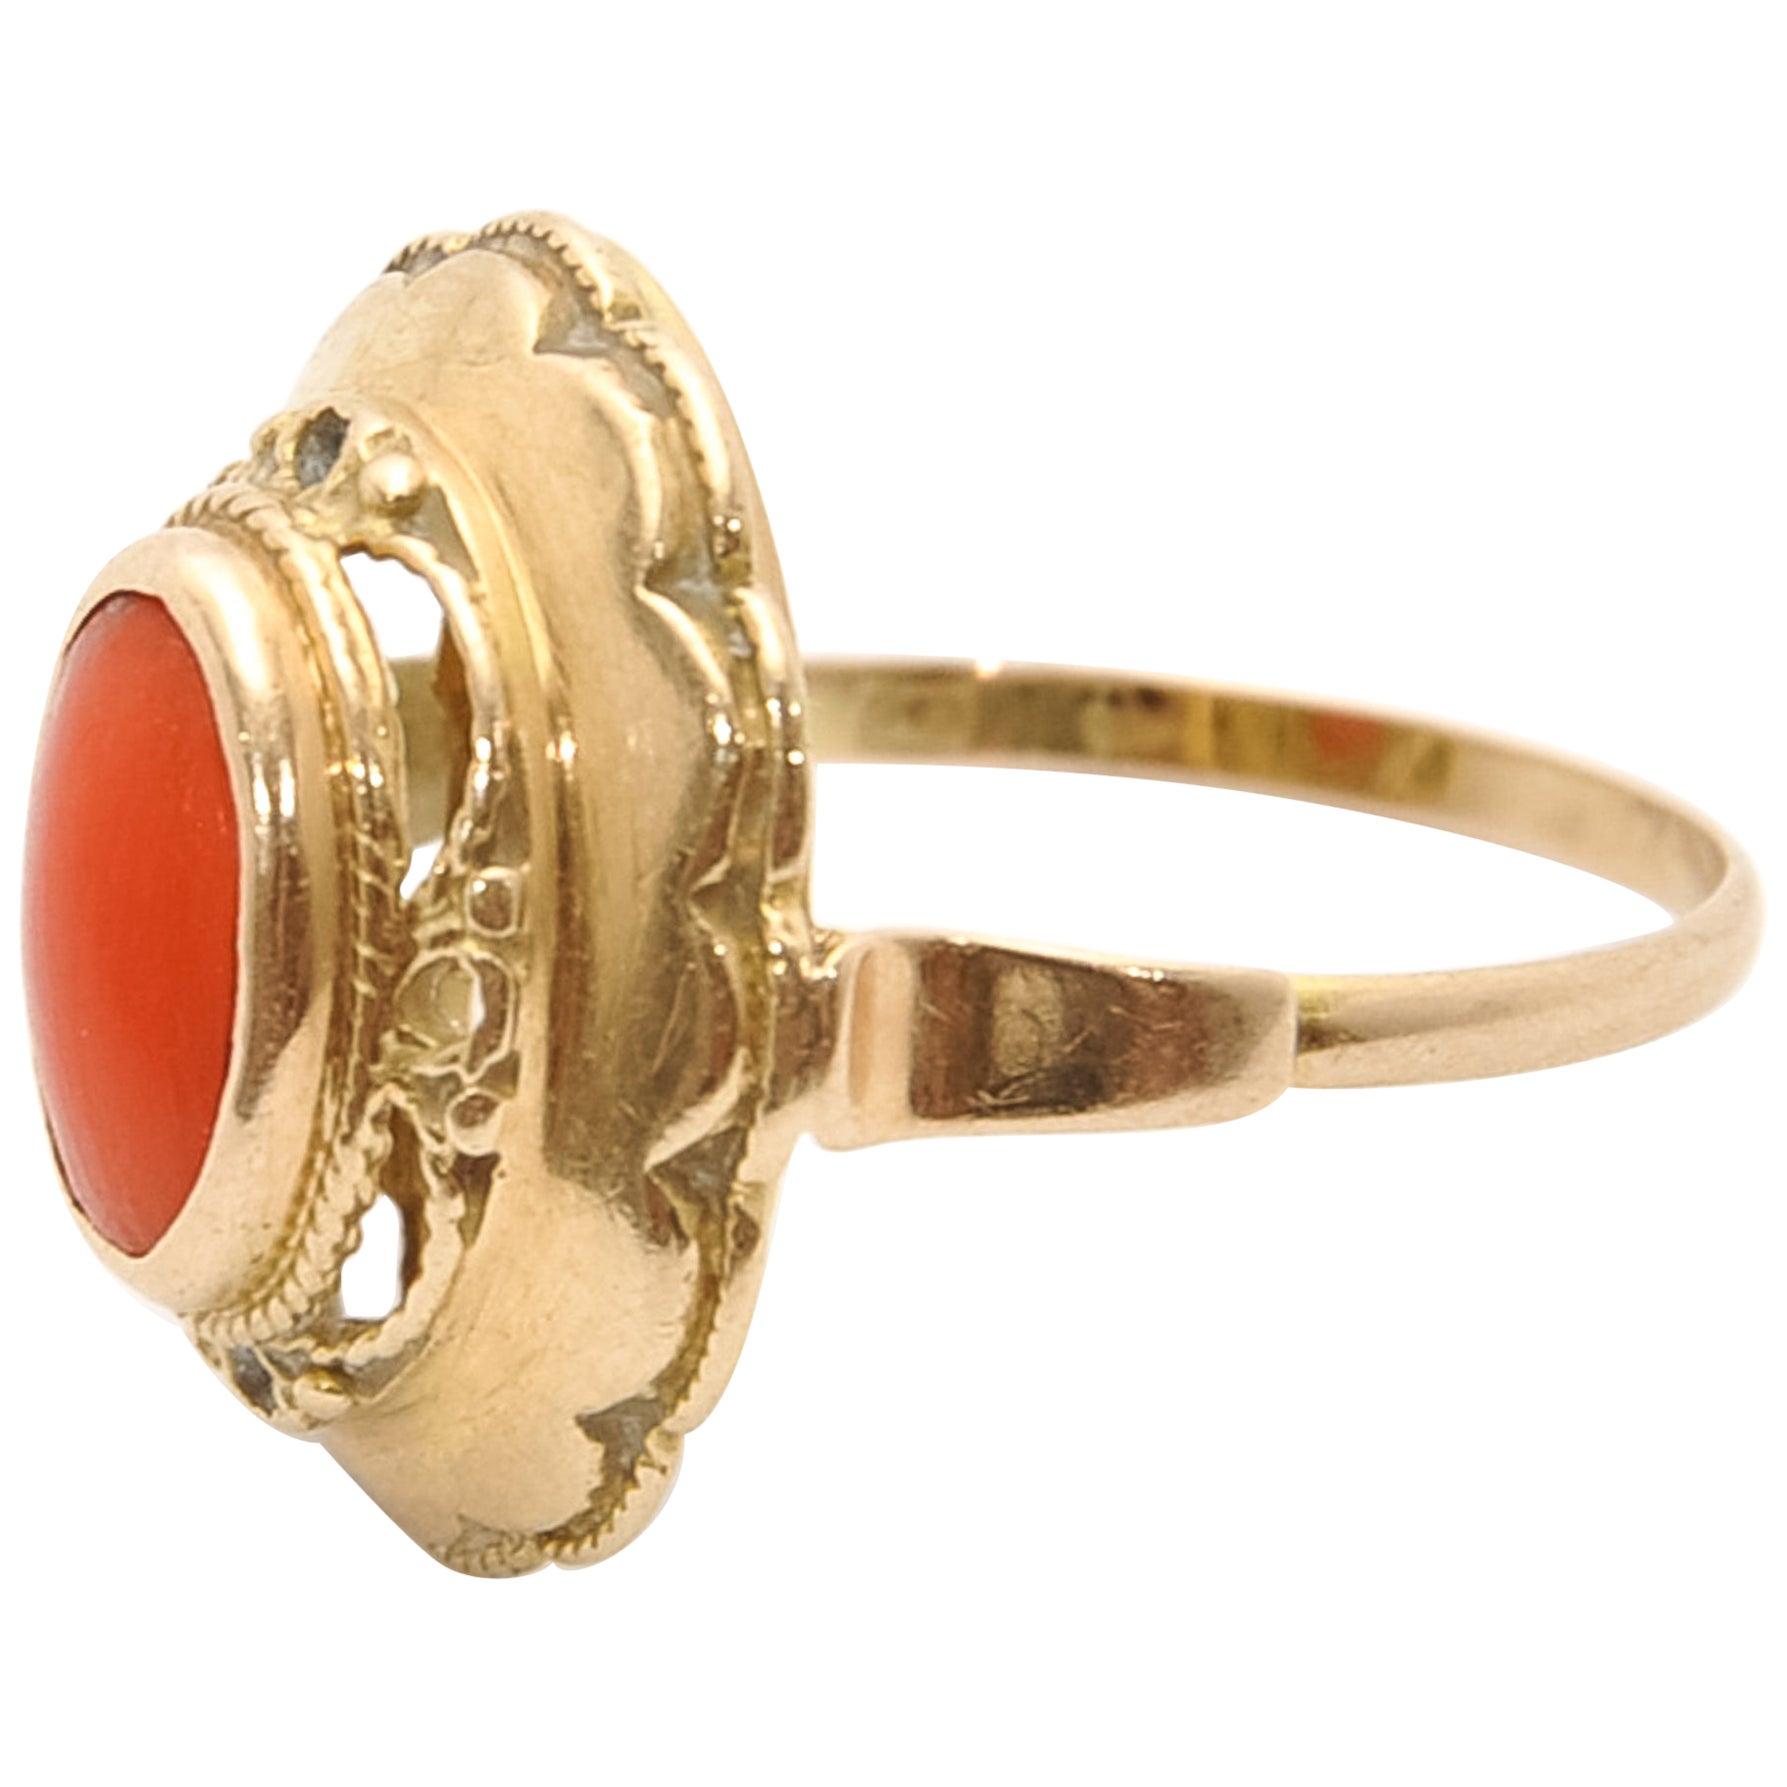 Vintage 14 Karat Yellow Gold Red Coral Ring